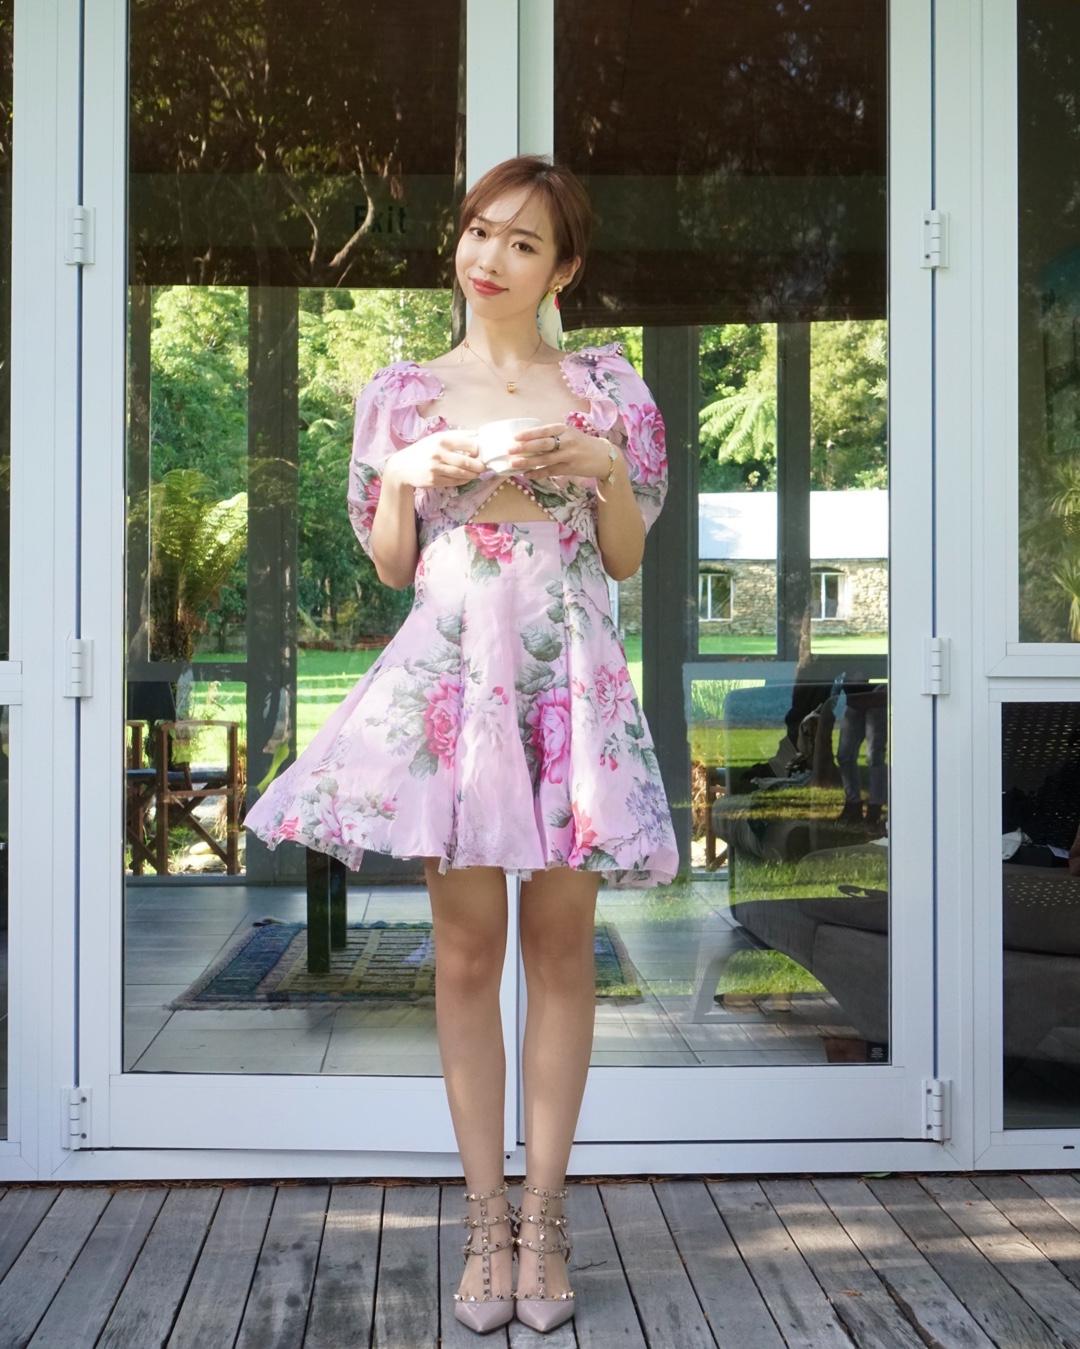 #美裙上线,承包一夏的仙气# 夏天就是要穿裙子哦! 花裙子更是首选啦~ 这条裙子不仅好看 关键是很显身高哦 让你的比例显得特别好 腿也特别修长 颜色也是仙气十足 喜欢她的泡泡袖 今年超级流行哦~度假约会不二之选!